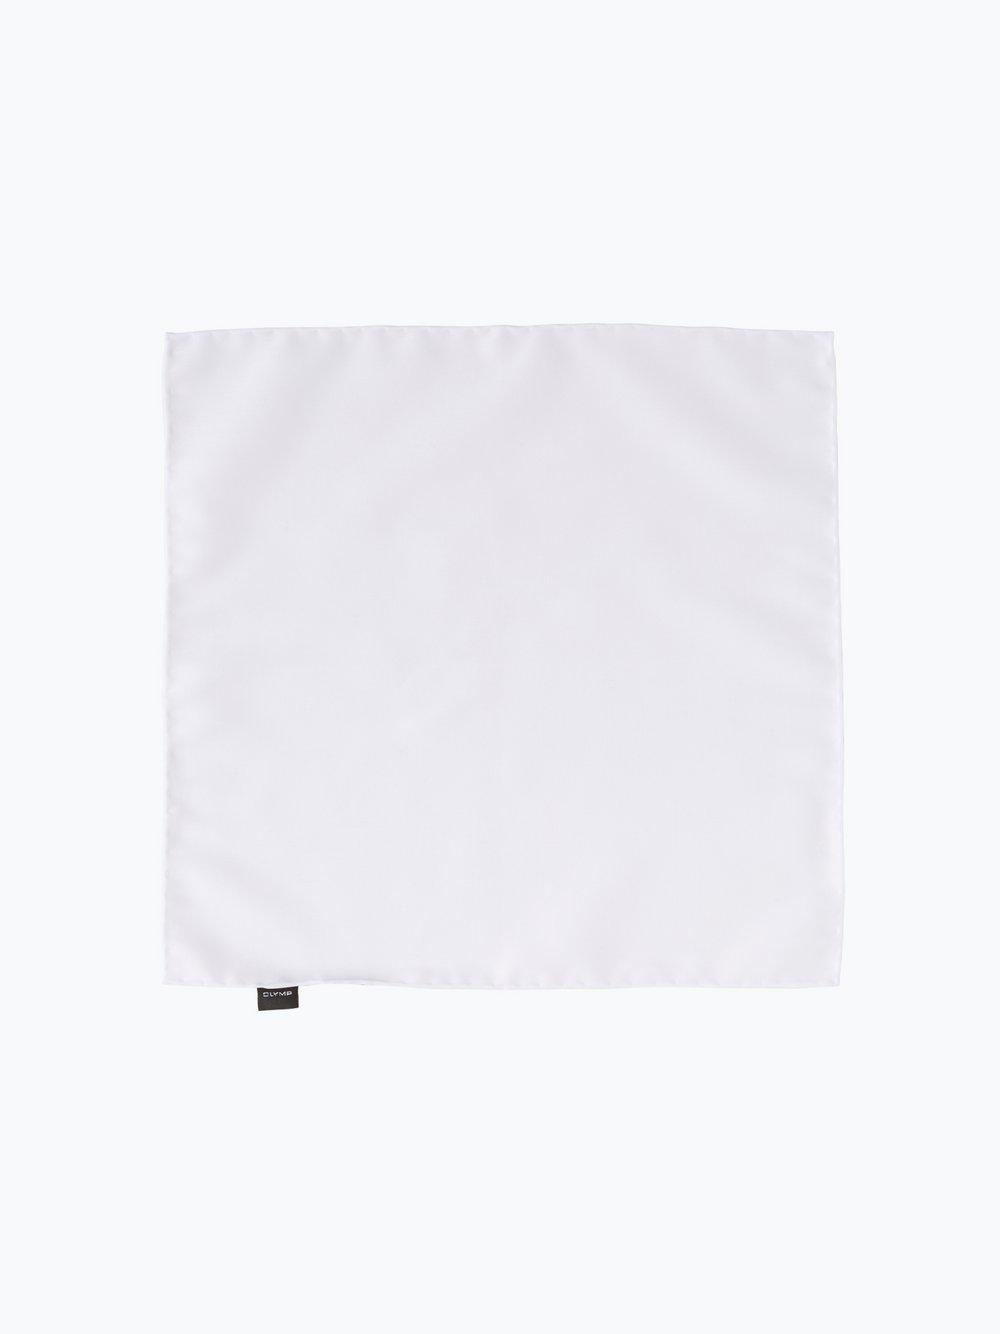 OLYMP Luxor modern Fit – Poszetka męska, biały Van Graaf 299578-0003-00000